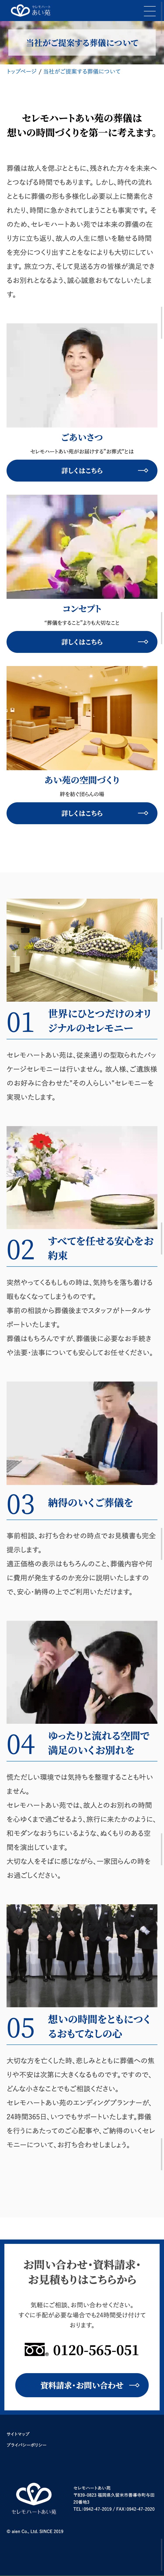 株式会社藍苑様 ホームページ SP画像